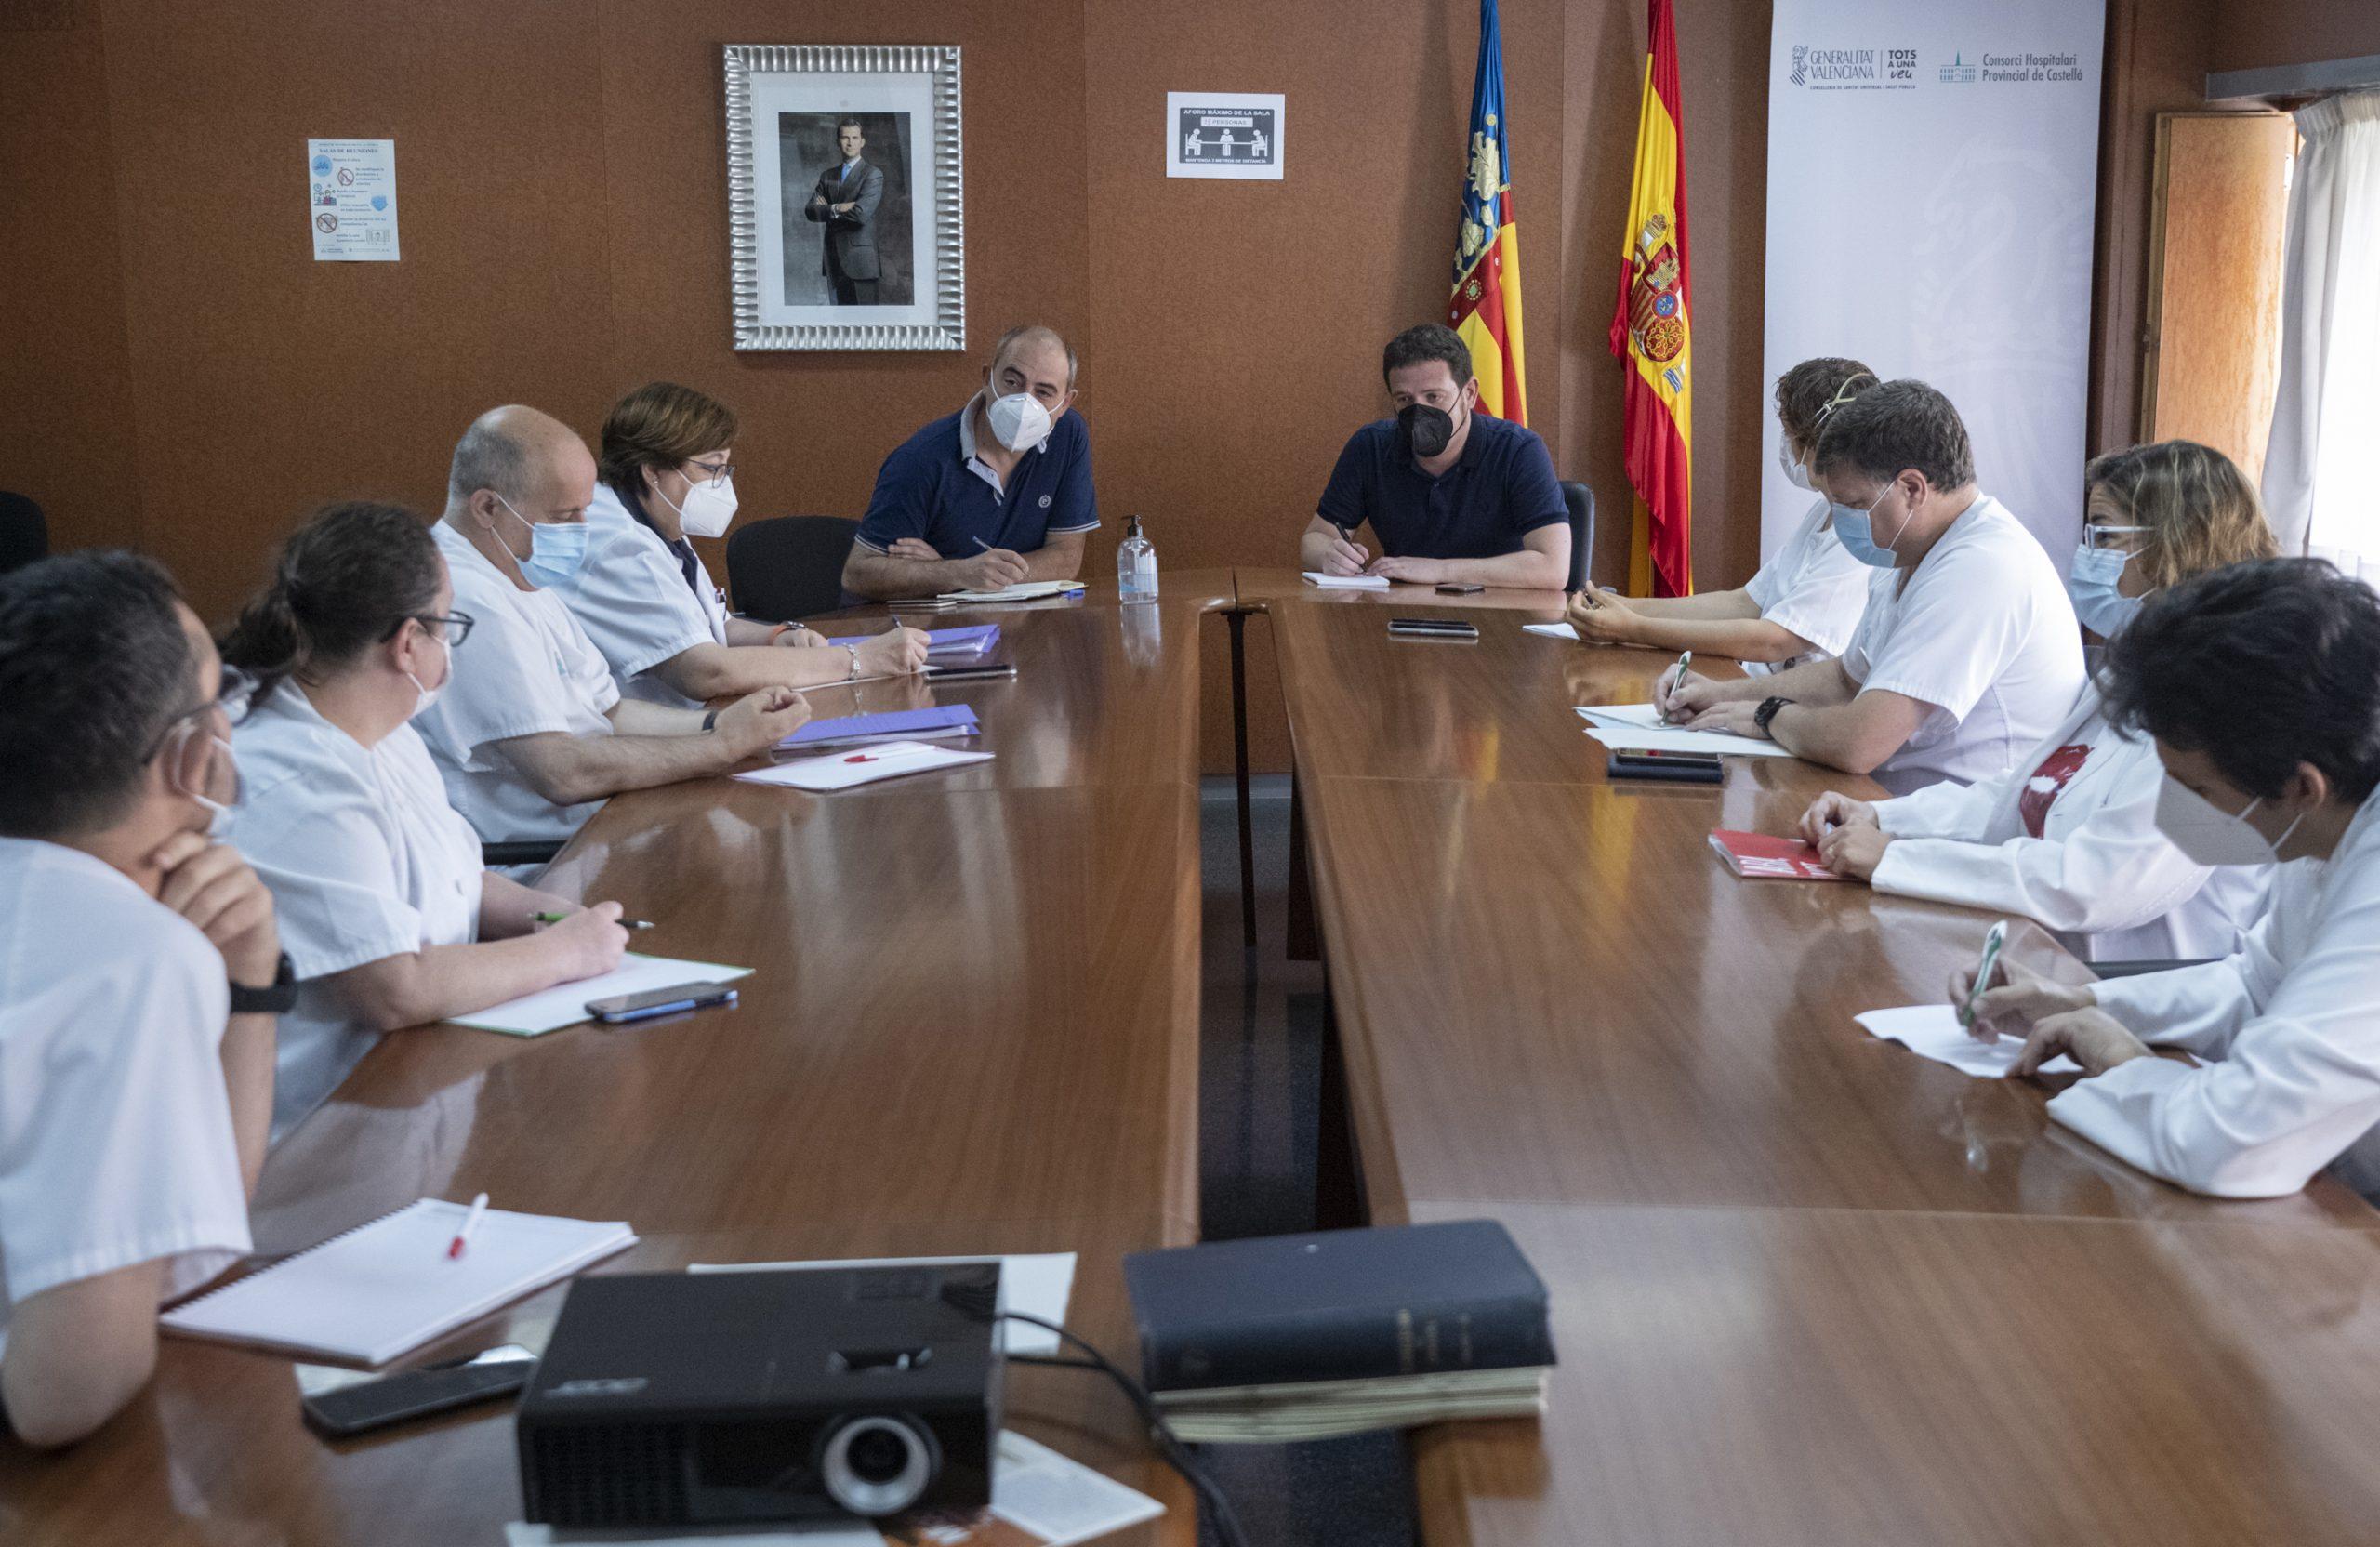 El equipo de gobierno de la Diputación de Castellón se reúne con los sindicatos para trabajar de forma conjunta en beneficio del Hospital Provincial de Castellón